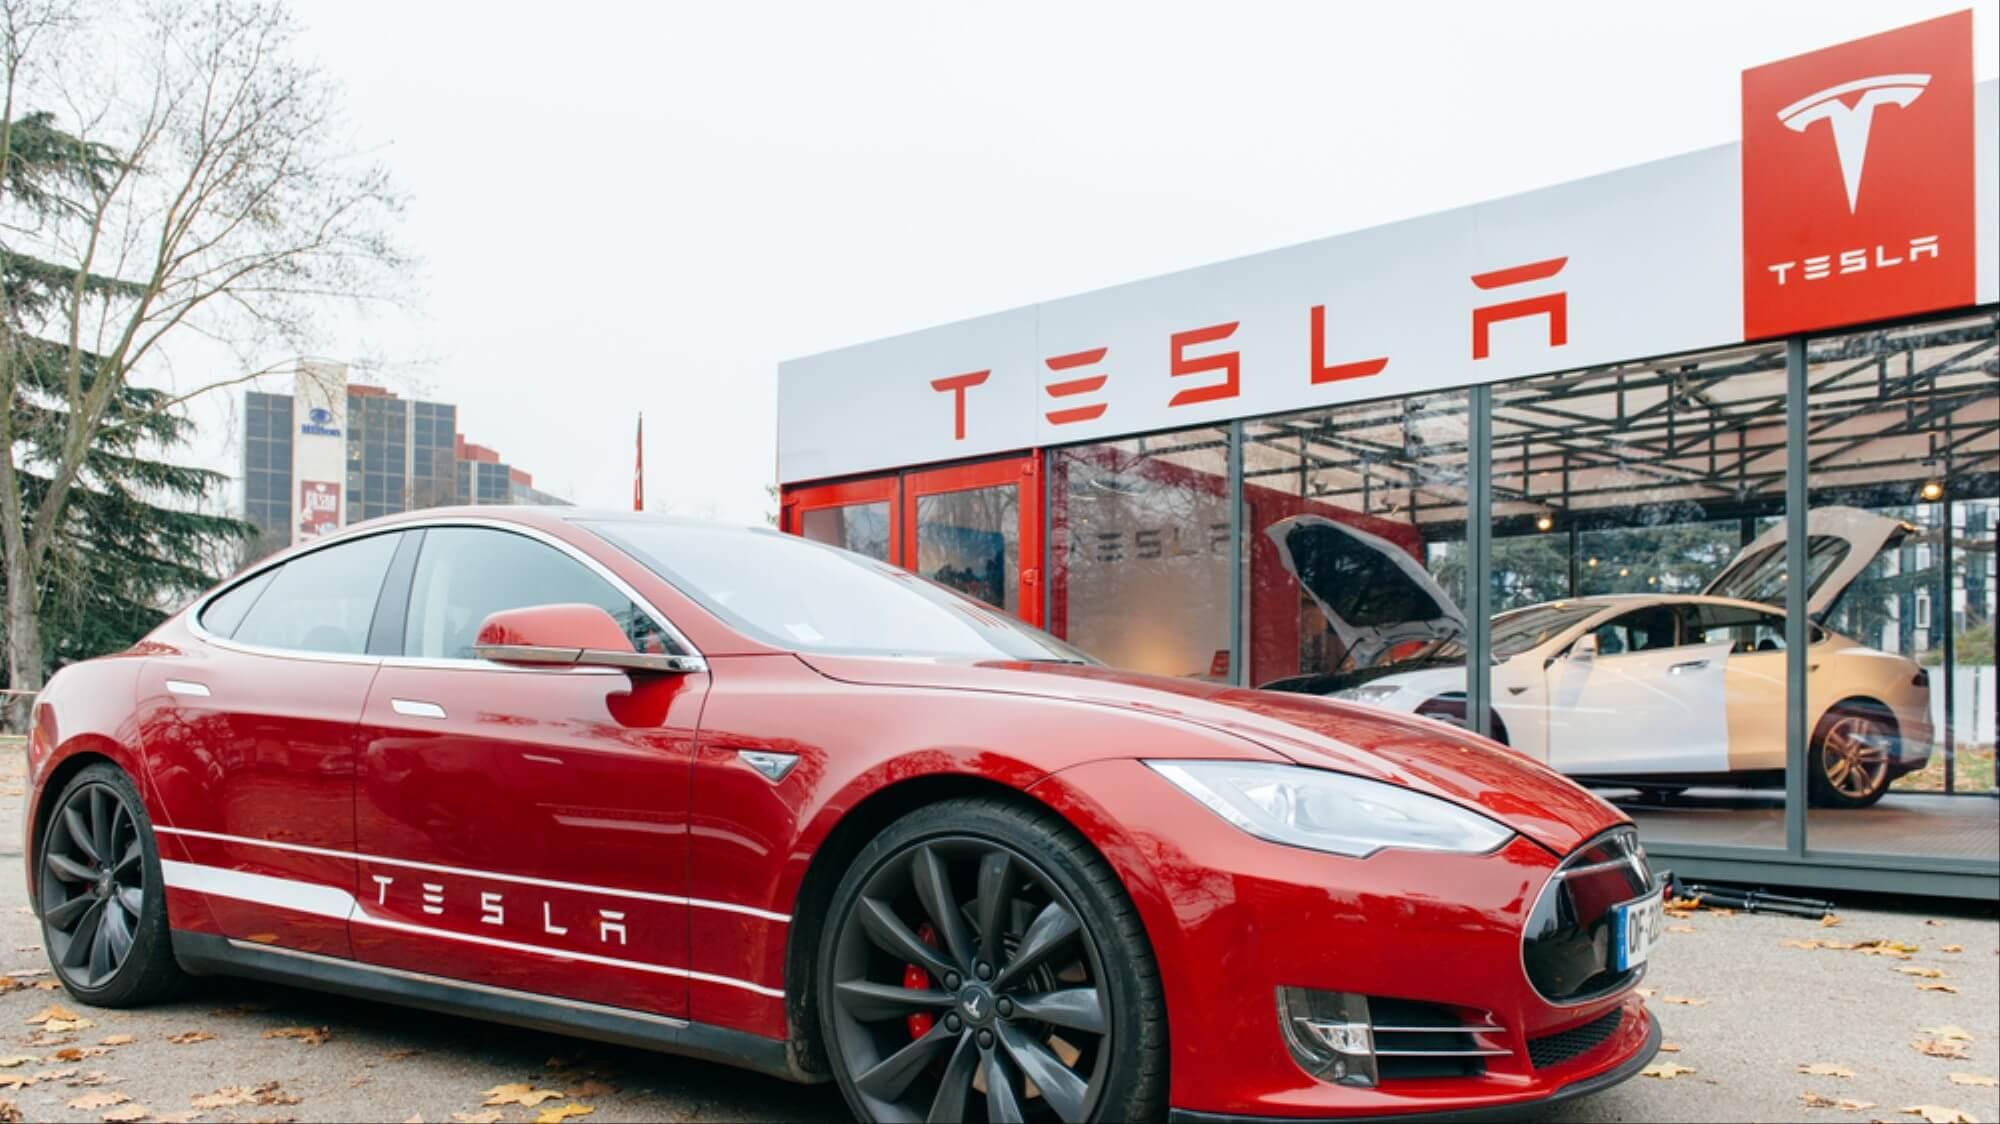 Взломать за 2 секунды: цифровая защита Tesla не устояла перед хакерами